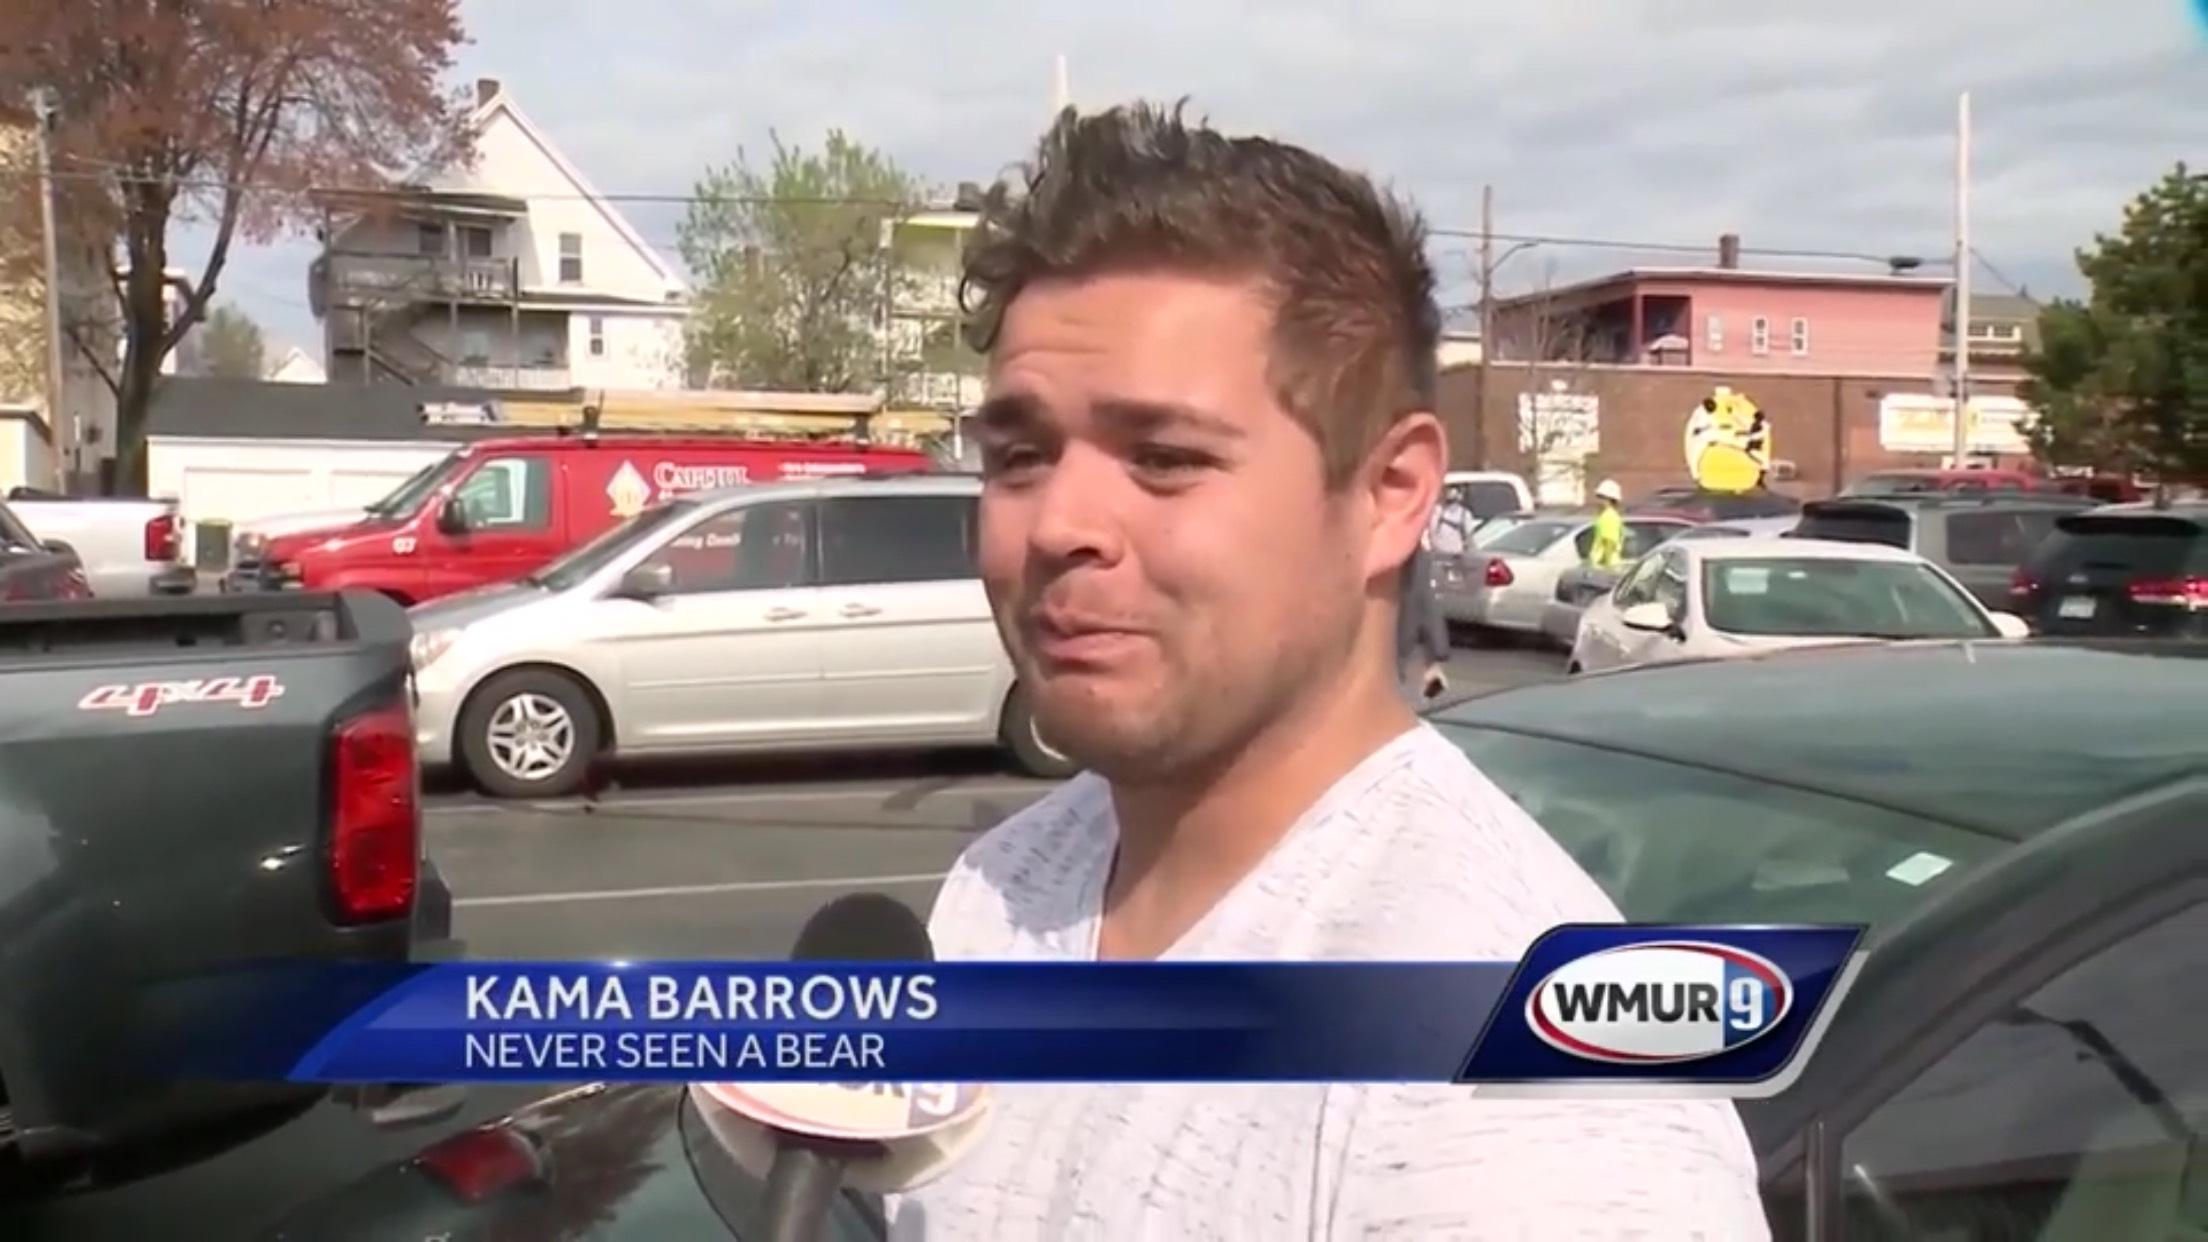 Kama Barrows: Never Seen A Bear